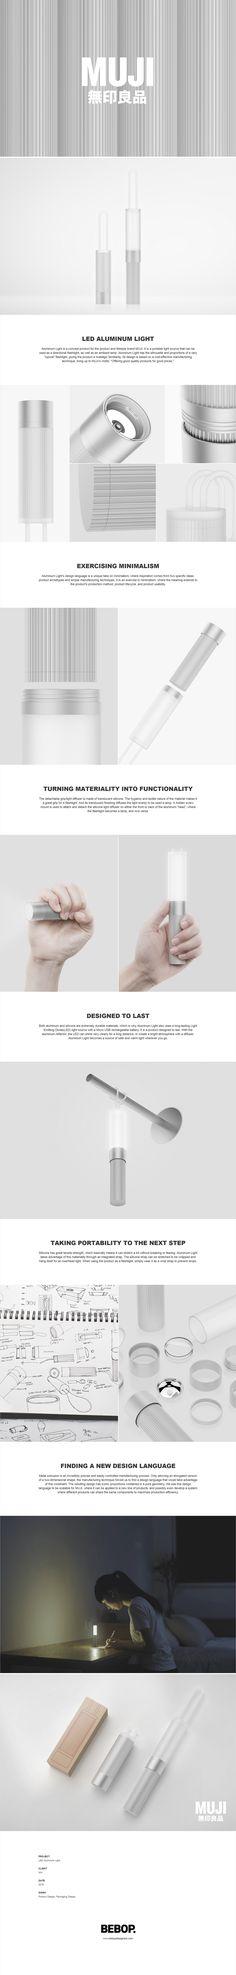 MUJI LED Aluminum Light